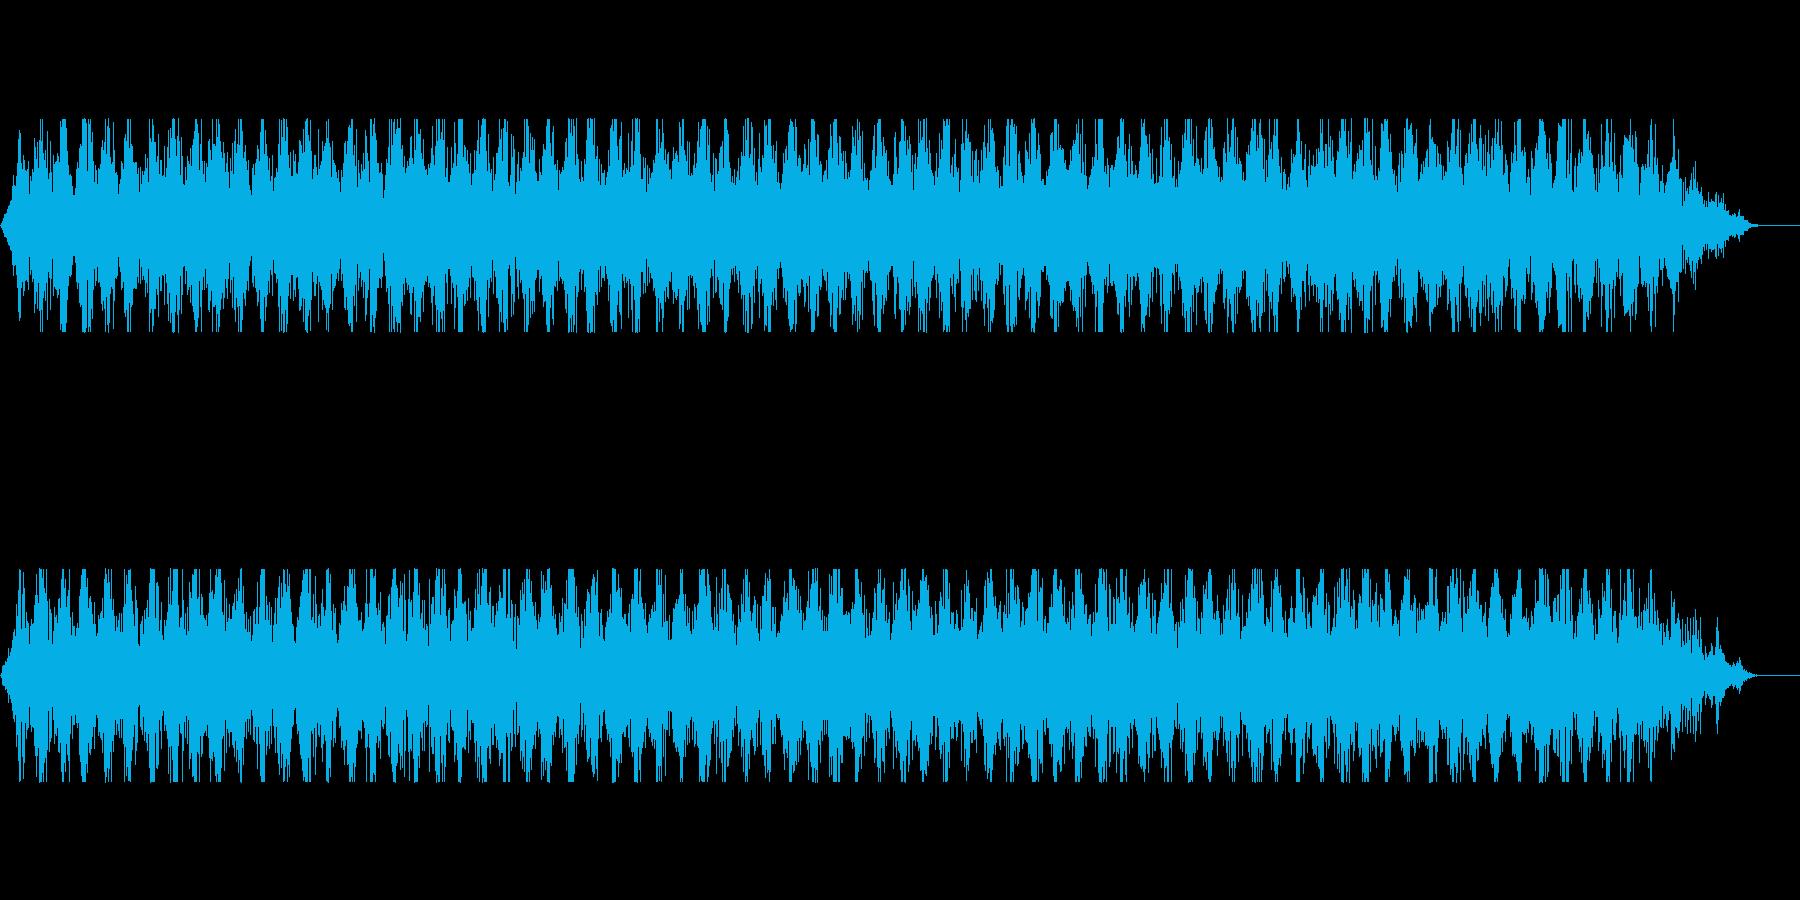 【テクスチャー 環境01-1】の再生済みの波形